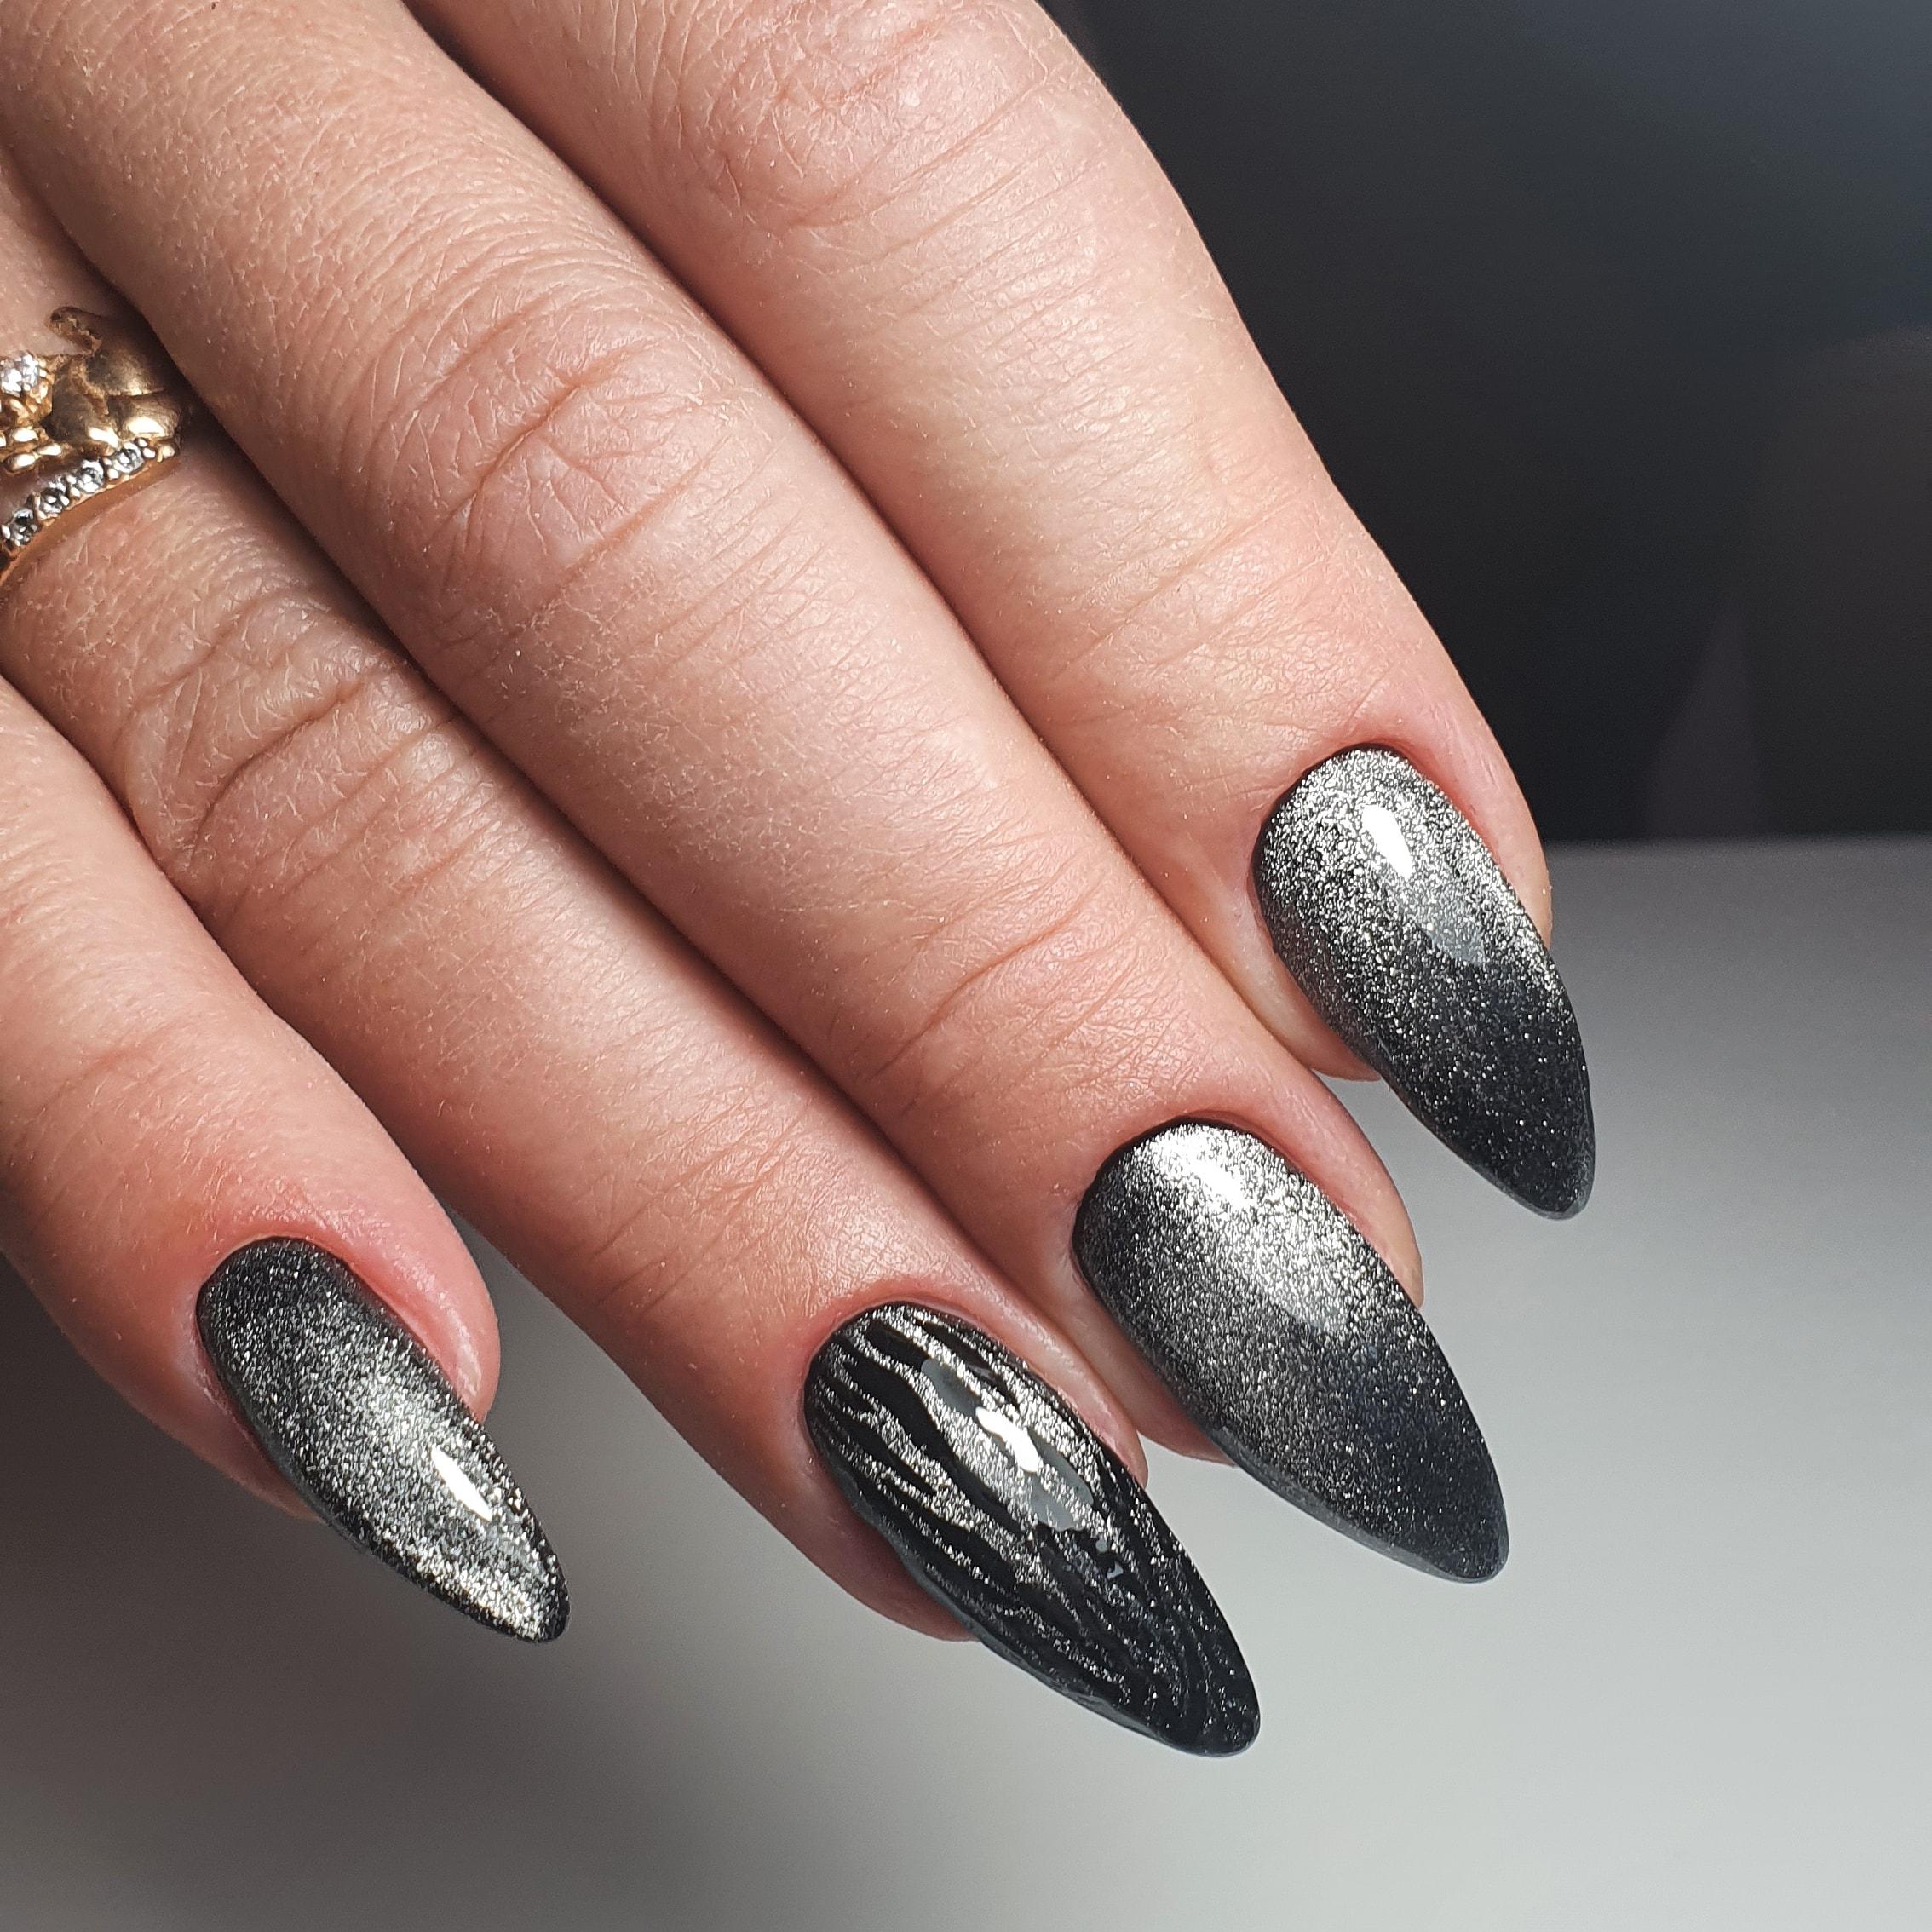 Маникюр с эффектом кошачий глаз в серебряном цвете на длинные ногти.